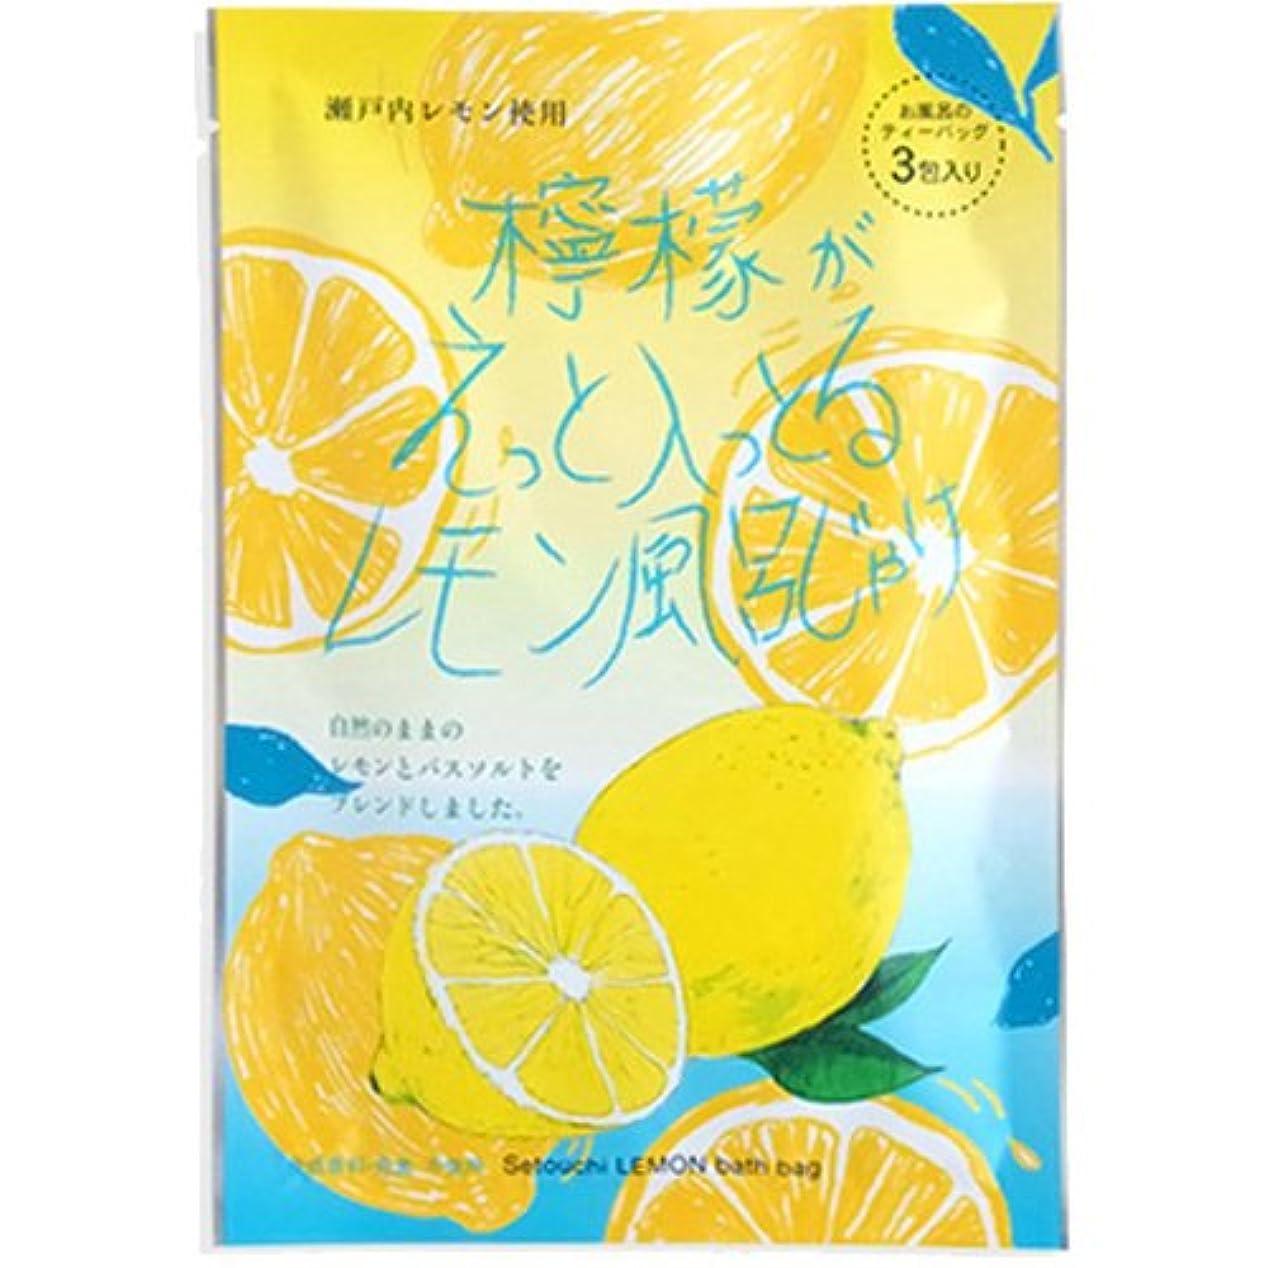 クラウン耕す放射能檸檬がえっと入っとるレモン風呂じゃけ